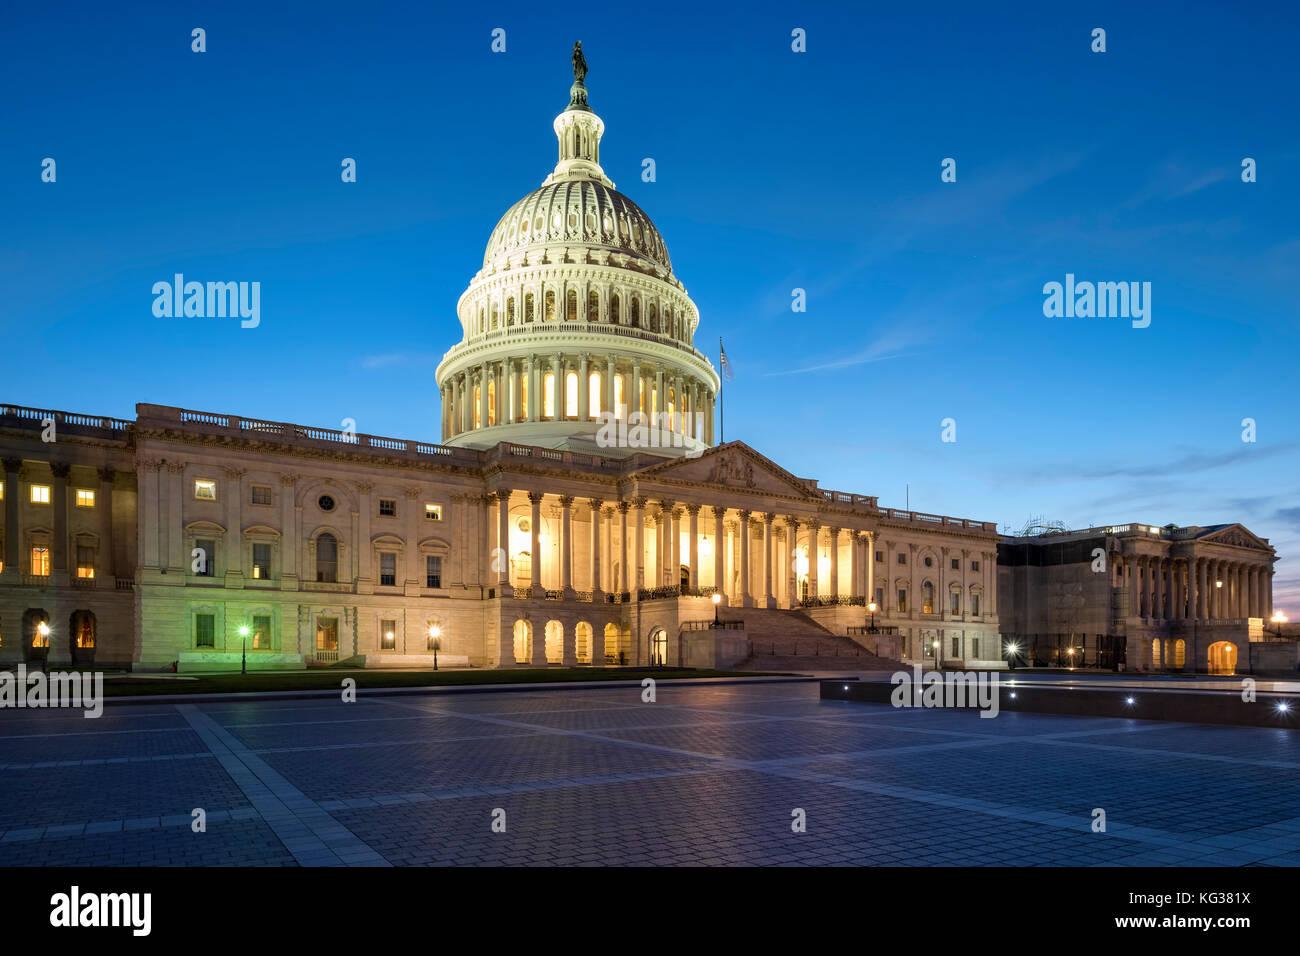 United States Capitol Building di notte, Capitol Hill, Washington DC, Stati Uniti d'America Immagini Stock